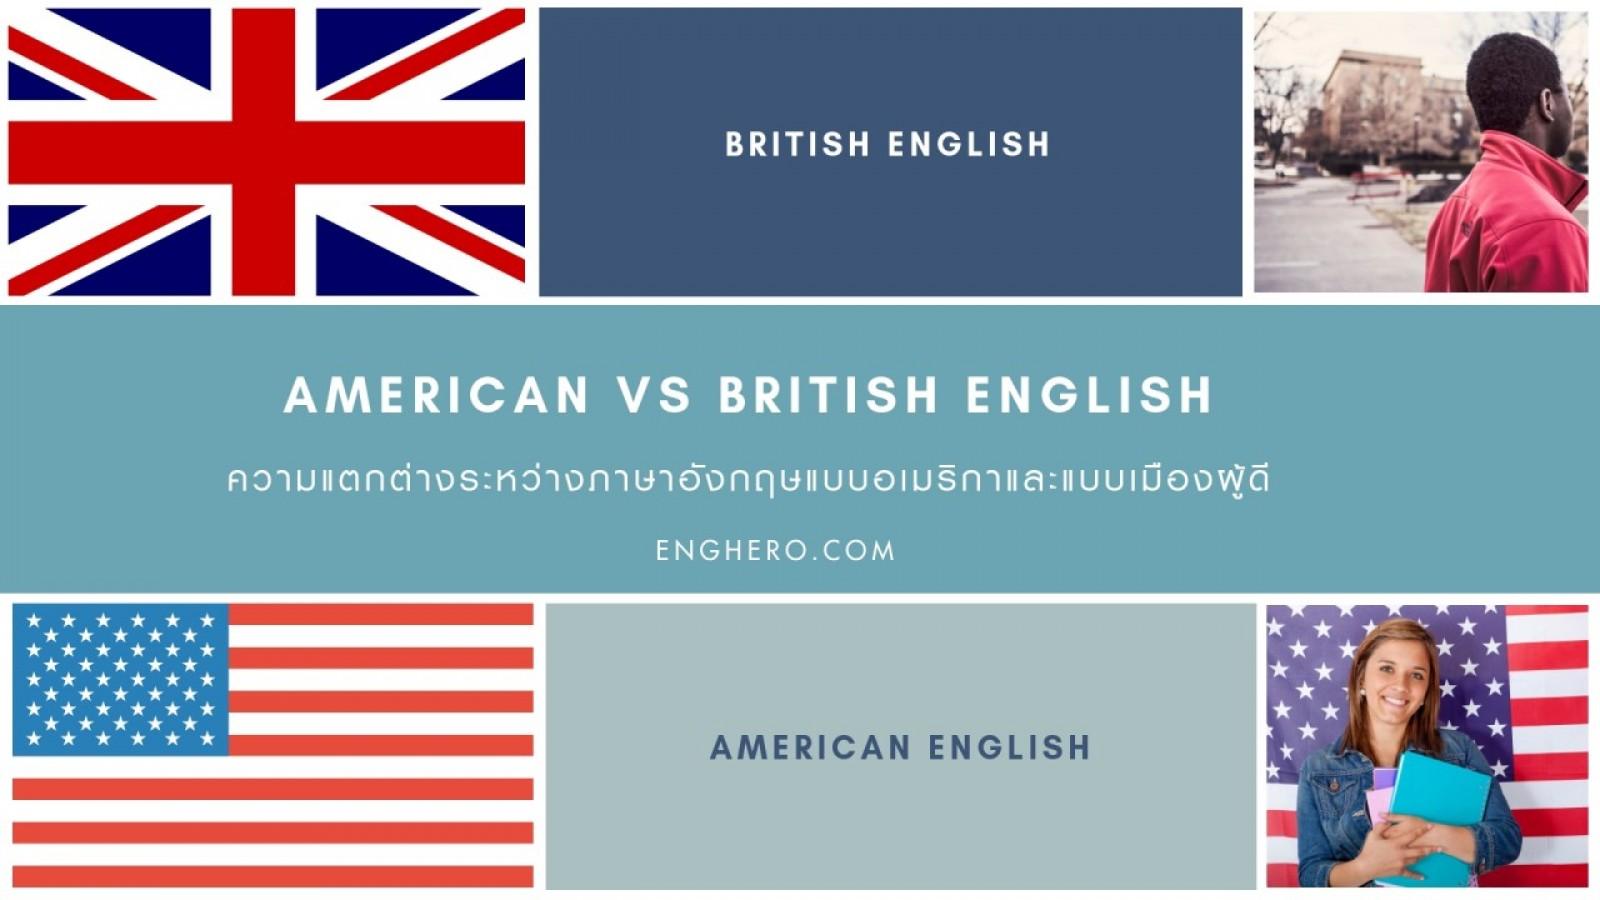 American VS British English  ความแตกต่างระหว่างภาษาอังกฤษแบบอเมริกาและแบบเมืองผู้ดี